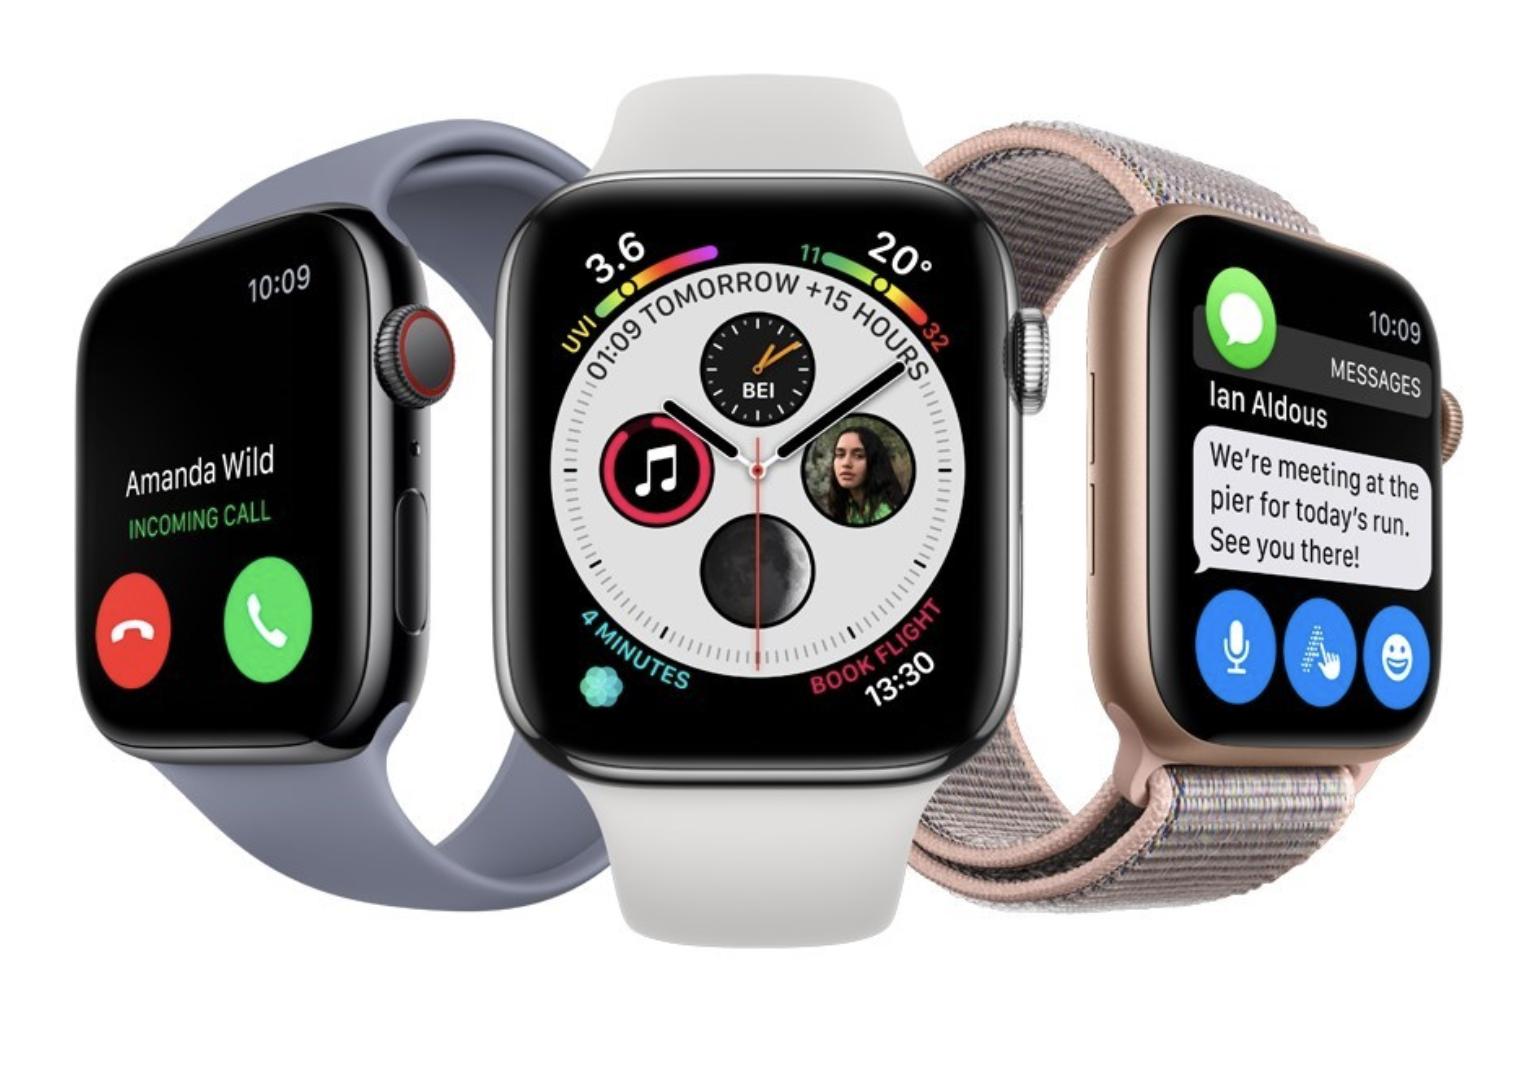 Tulevaisuuden Apple Watchiin odotetaan MicroLED-näyttöä. Kuvassa toistaiseksi uusin Apple Watch Series 4.